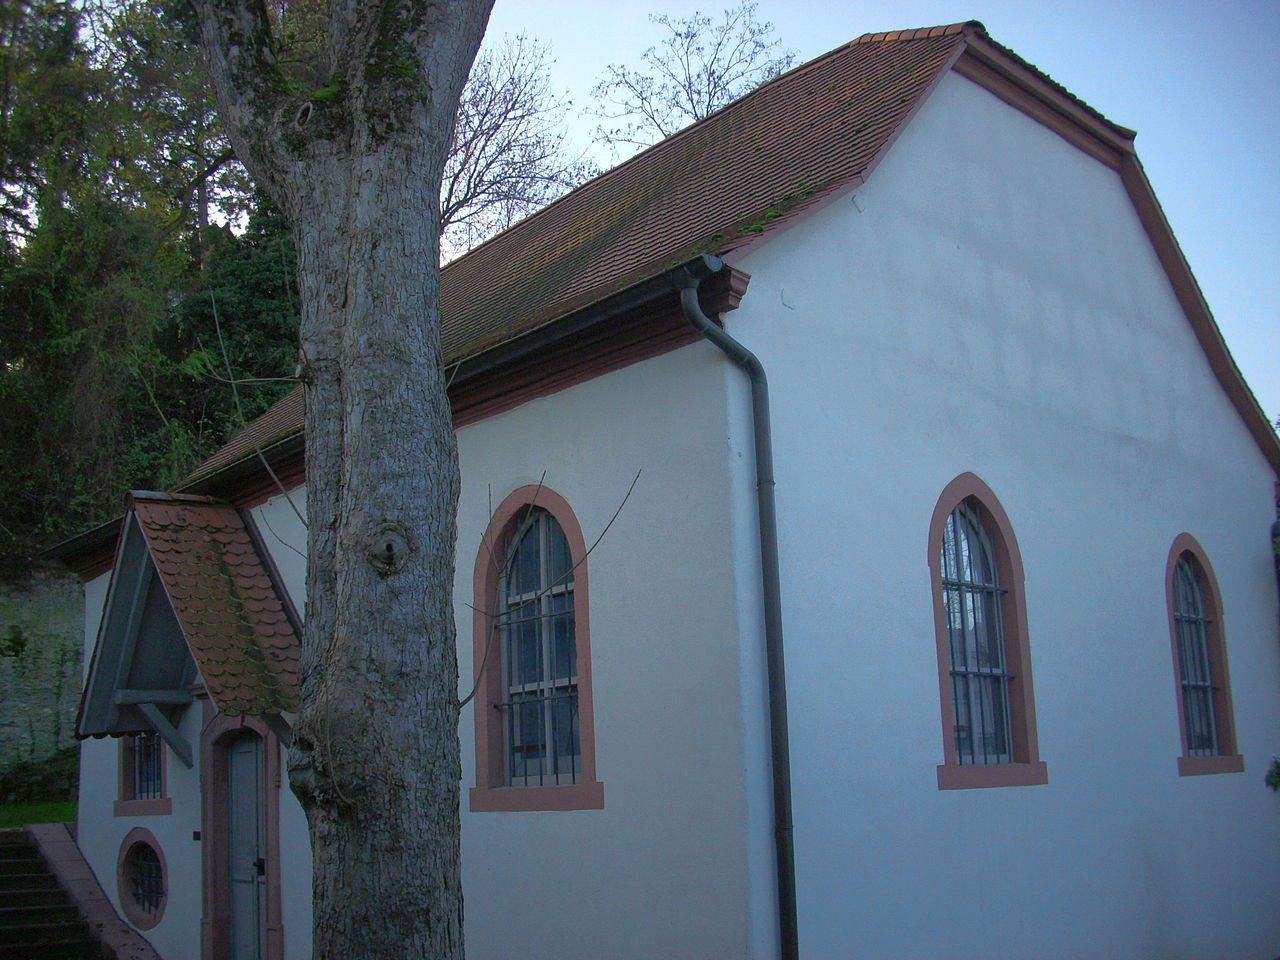 Bild Weisenauer Synagoge Mainz